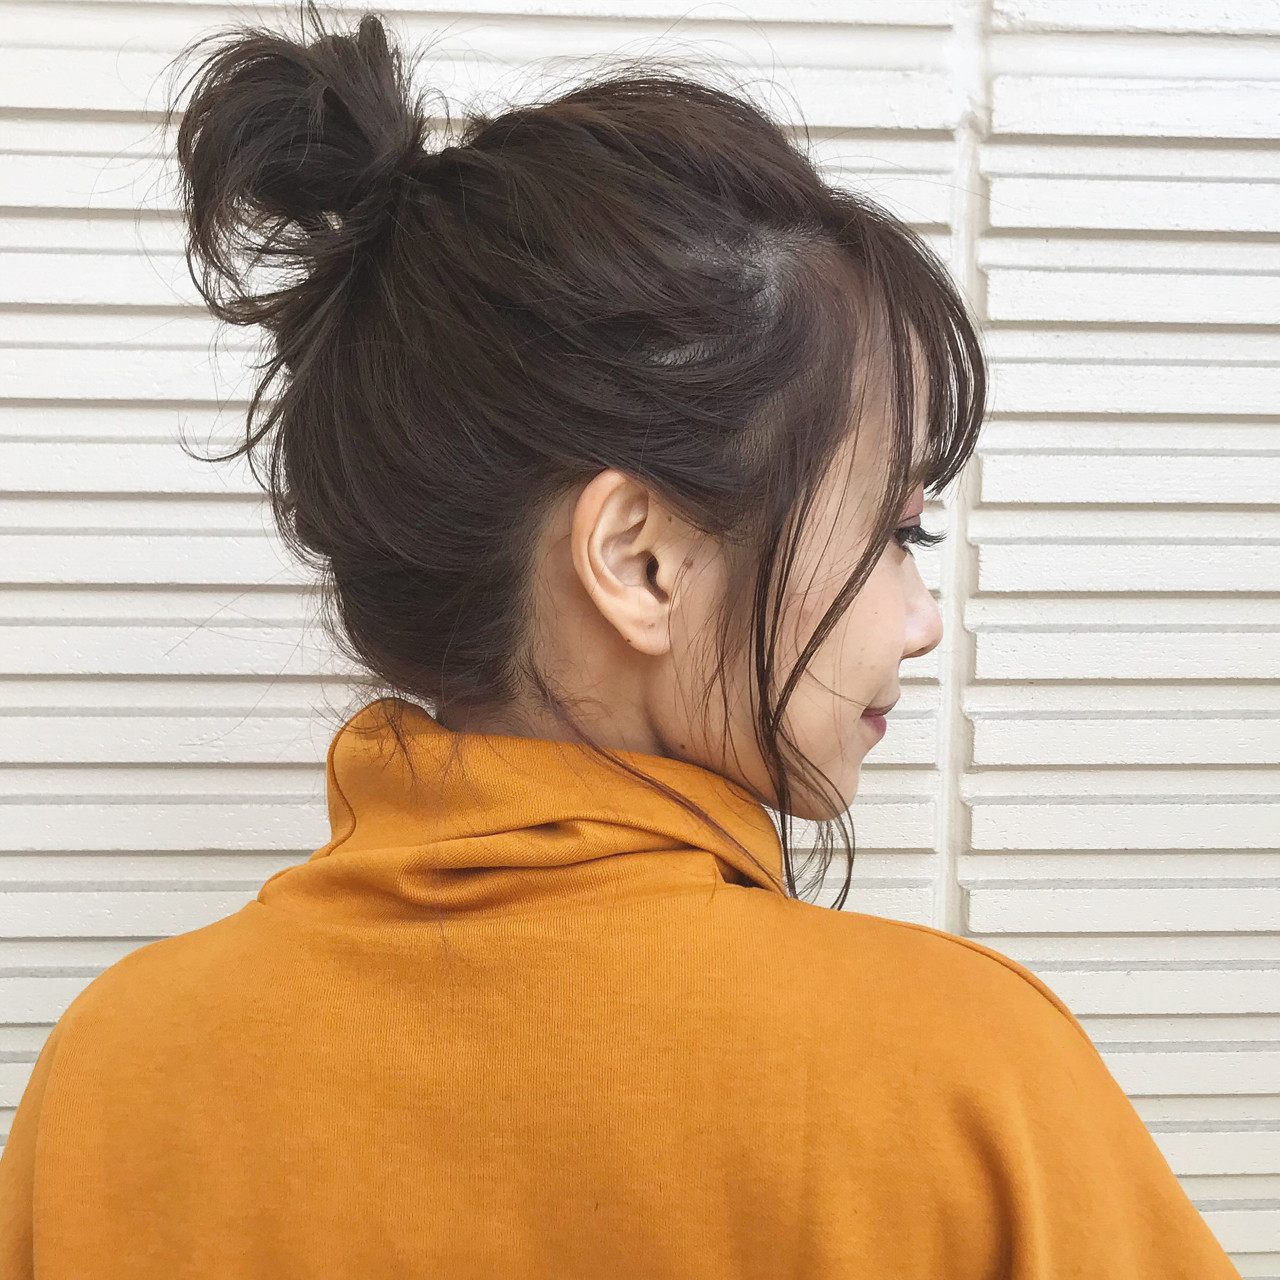 ヘアアレンジならまとめ髪♡どんなレングスでも可愛くオシャレに♪